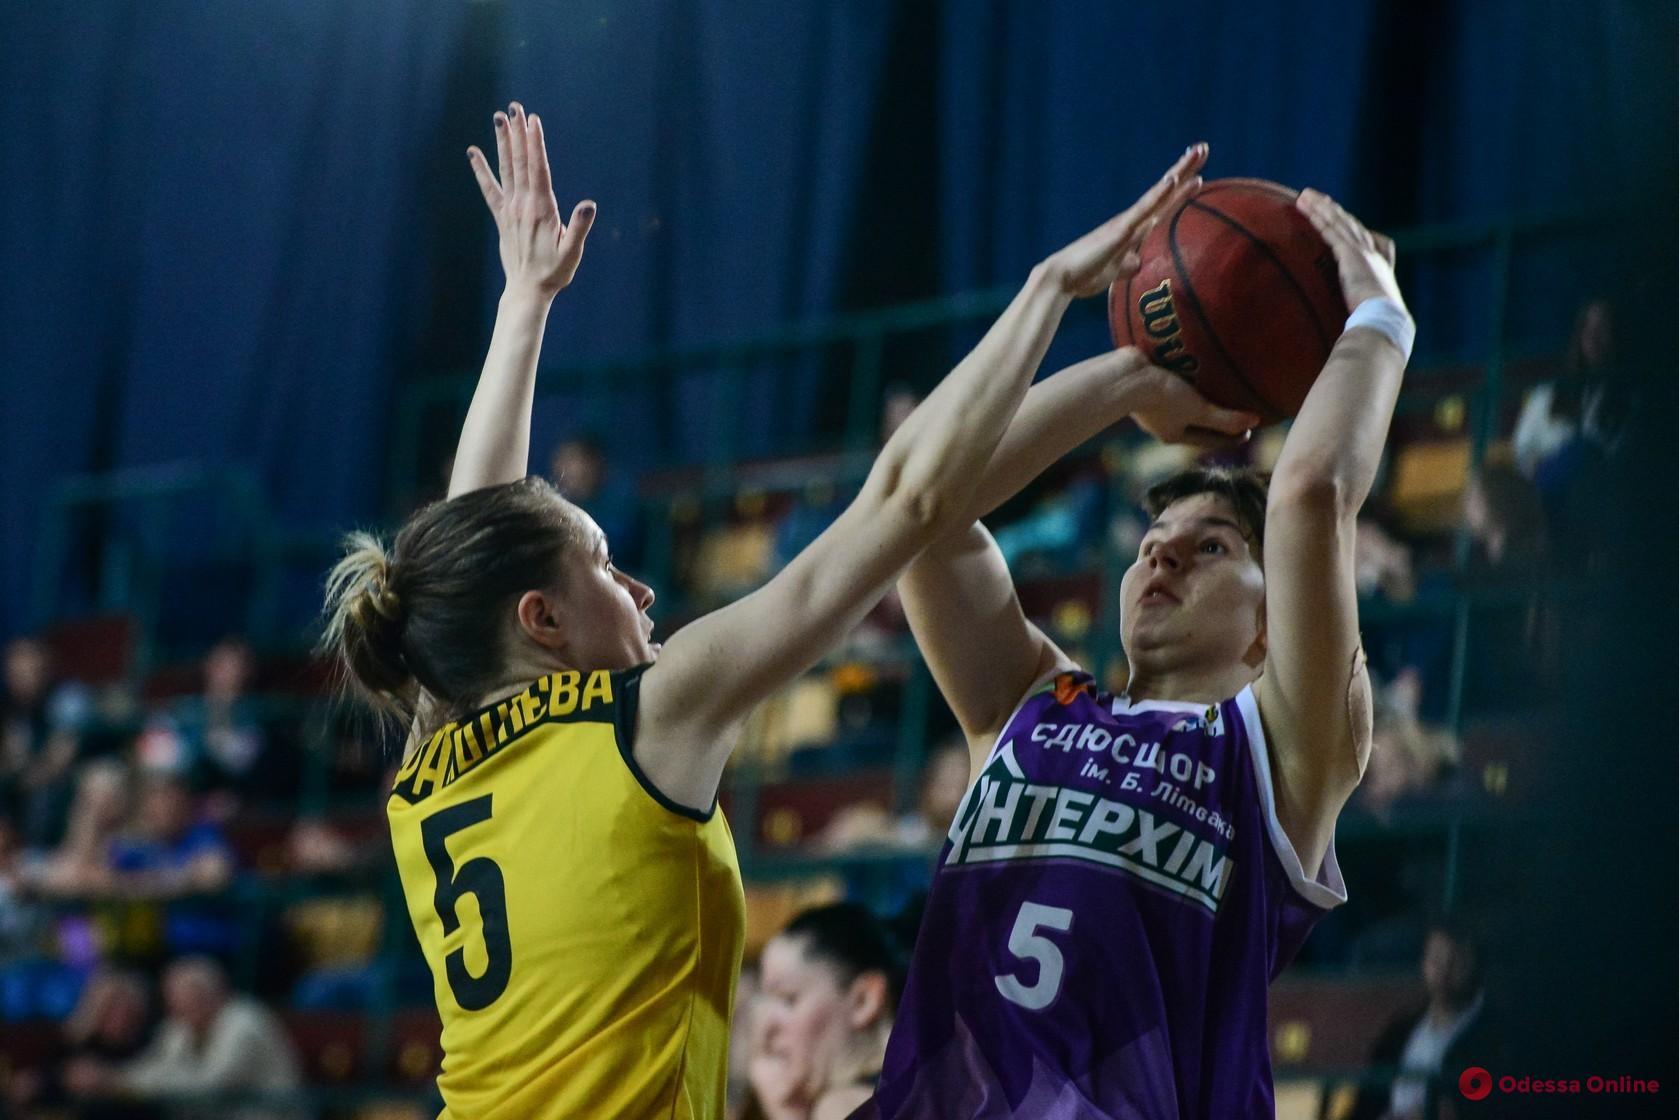 Одесские баскетболистки разгромно уступили чемпиону Украины